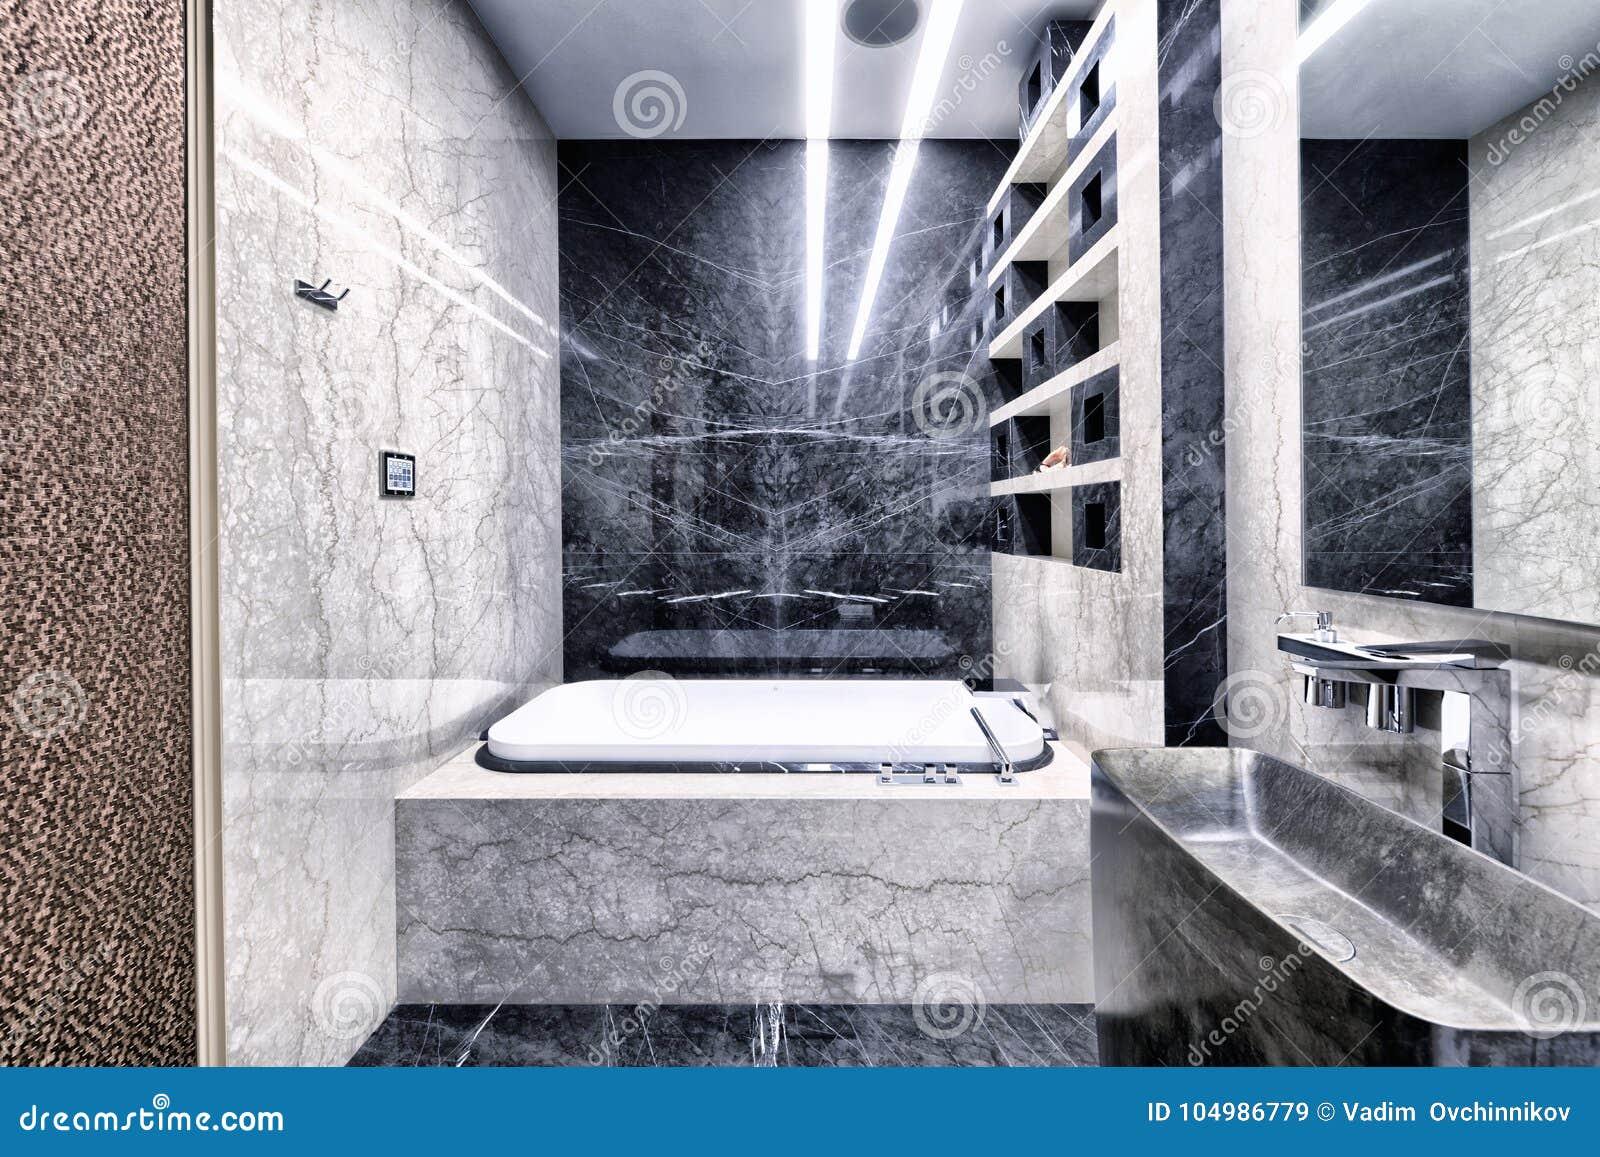 Bagni In Marmo Nero : Marmo in bianco e nero allinterno di un bagno moderno in un